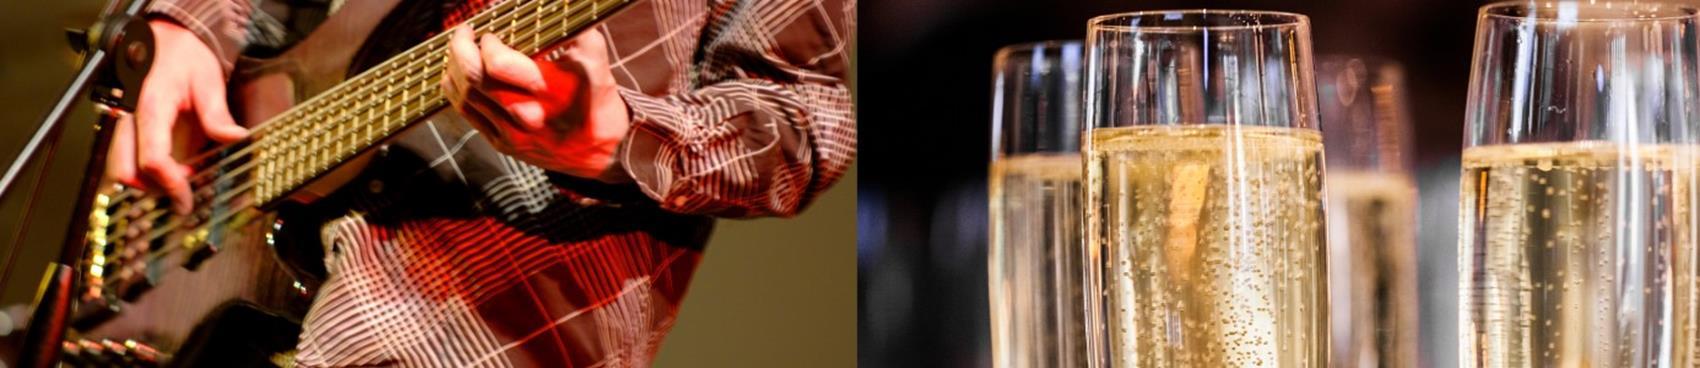 Champagne Thursday